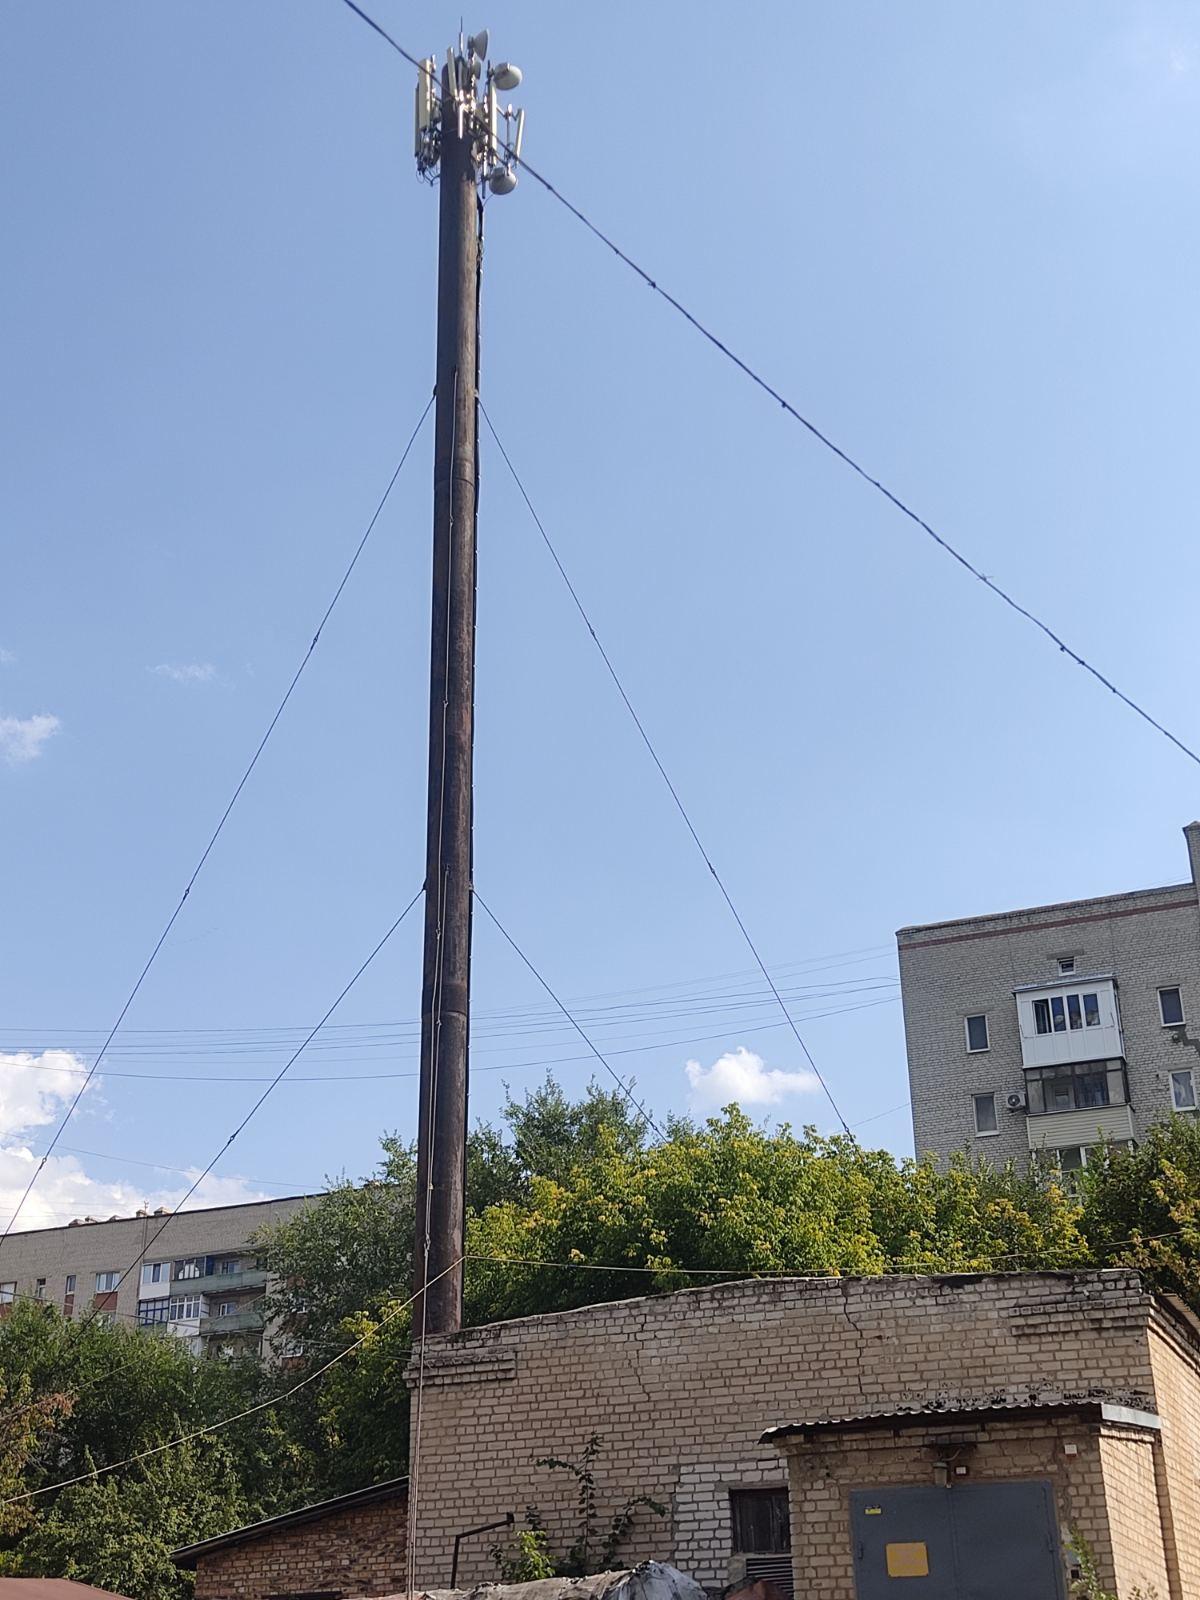 Аукціон на право оренди нерухомого майна комунальної власності Бахмутської міської територіальної громади, розташоване за адресою м.Бахмут, вул.Оборони, 25, загальною площею 8,0 кв.м.